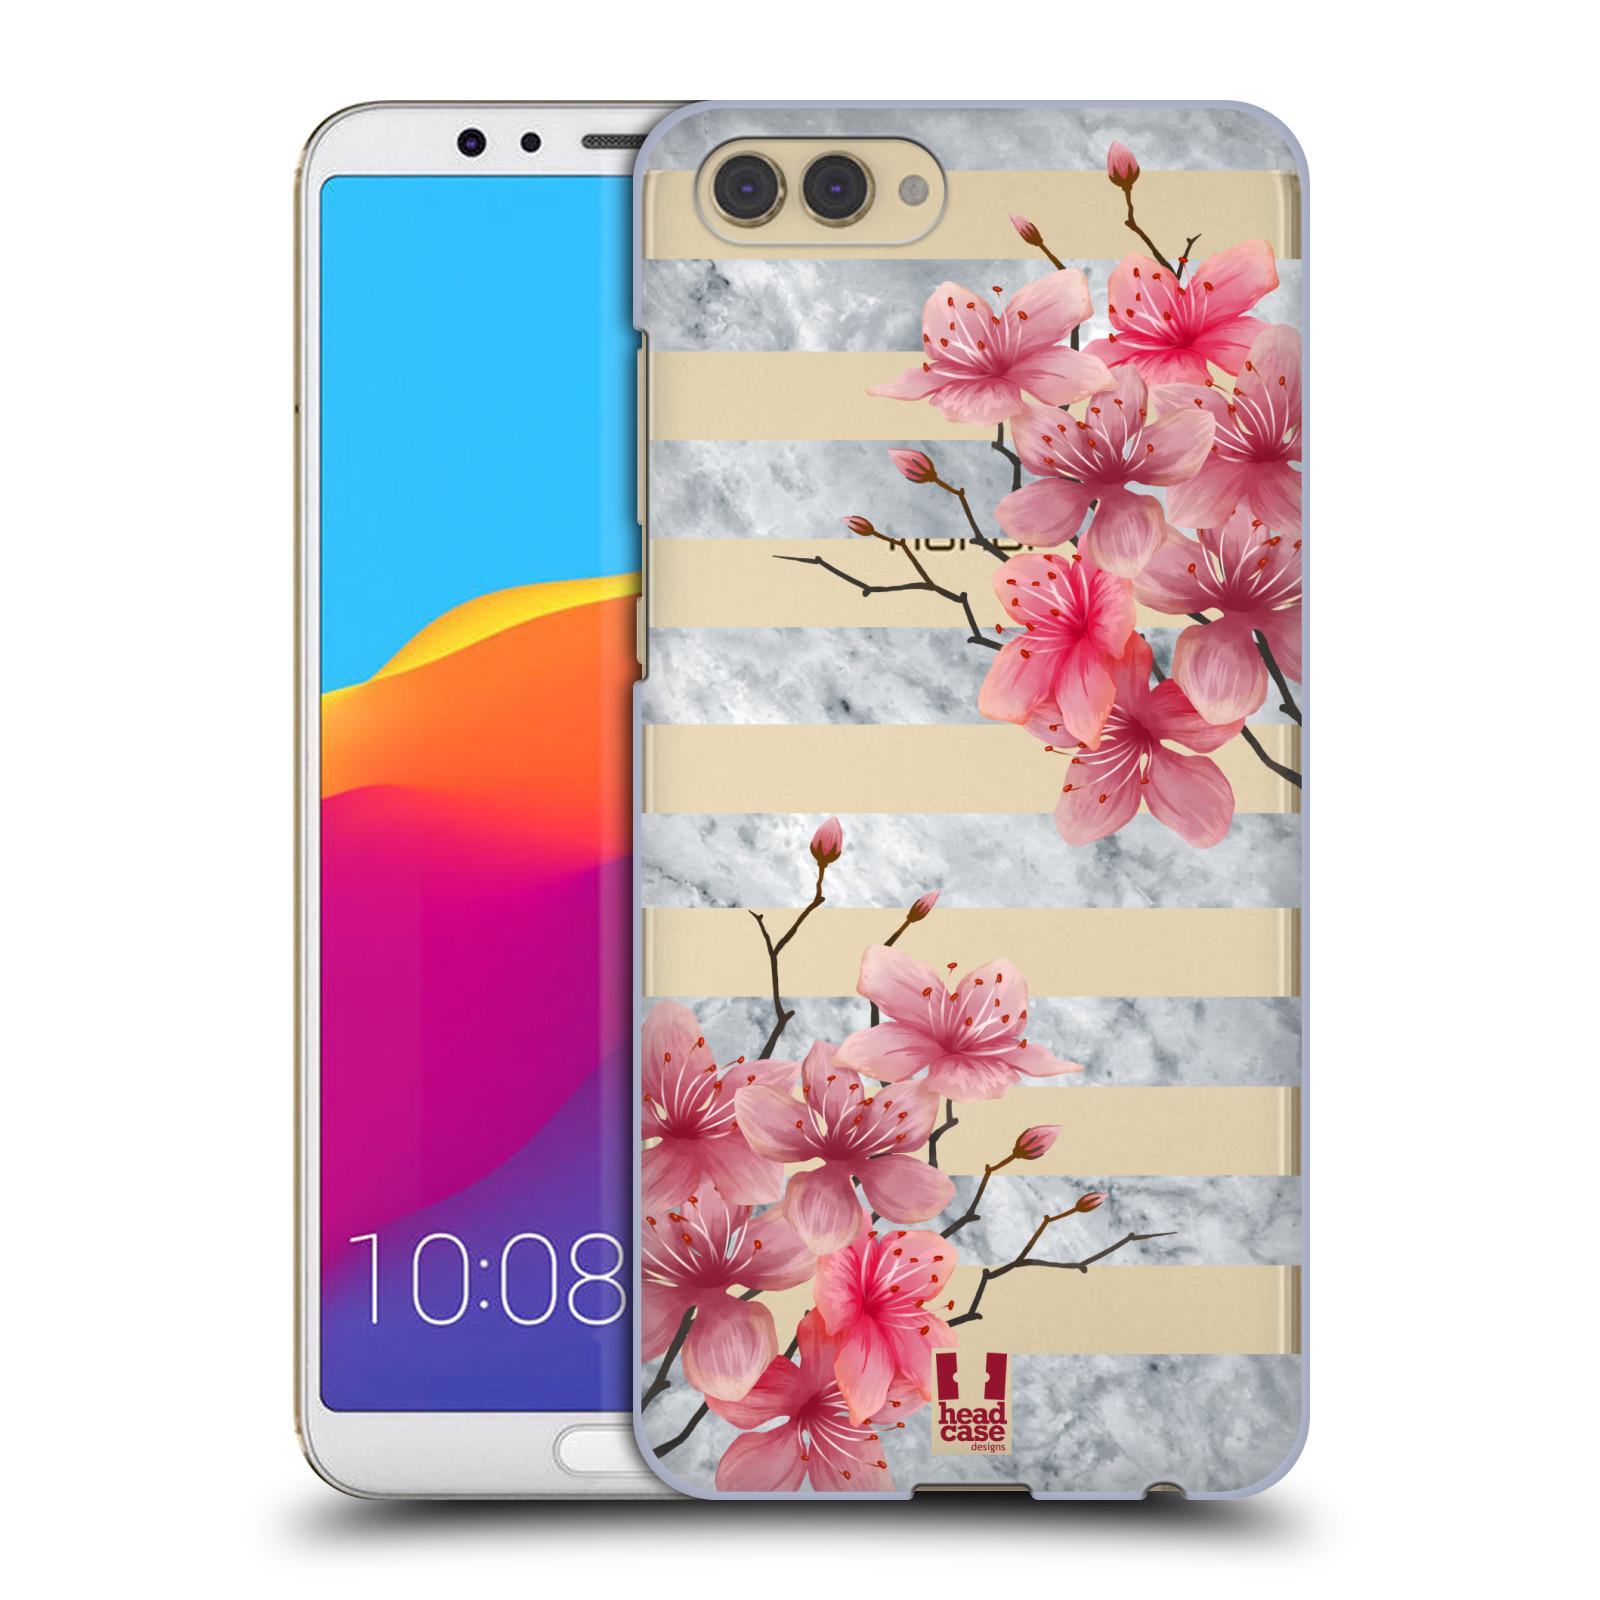 Plastové pouzdro na mobil Honor View 10 - Head Case - Kvítka a mramor